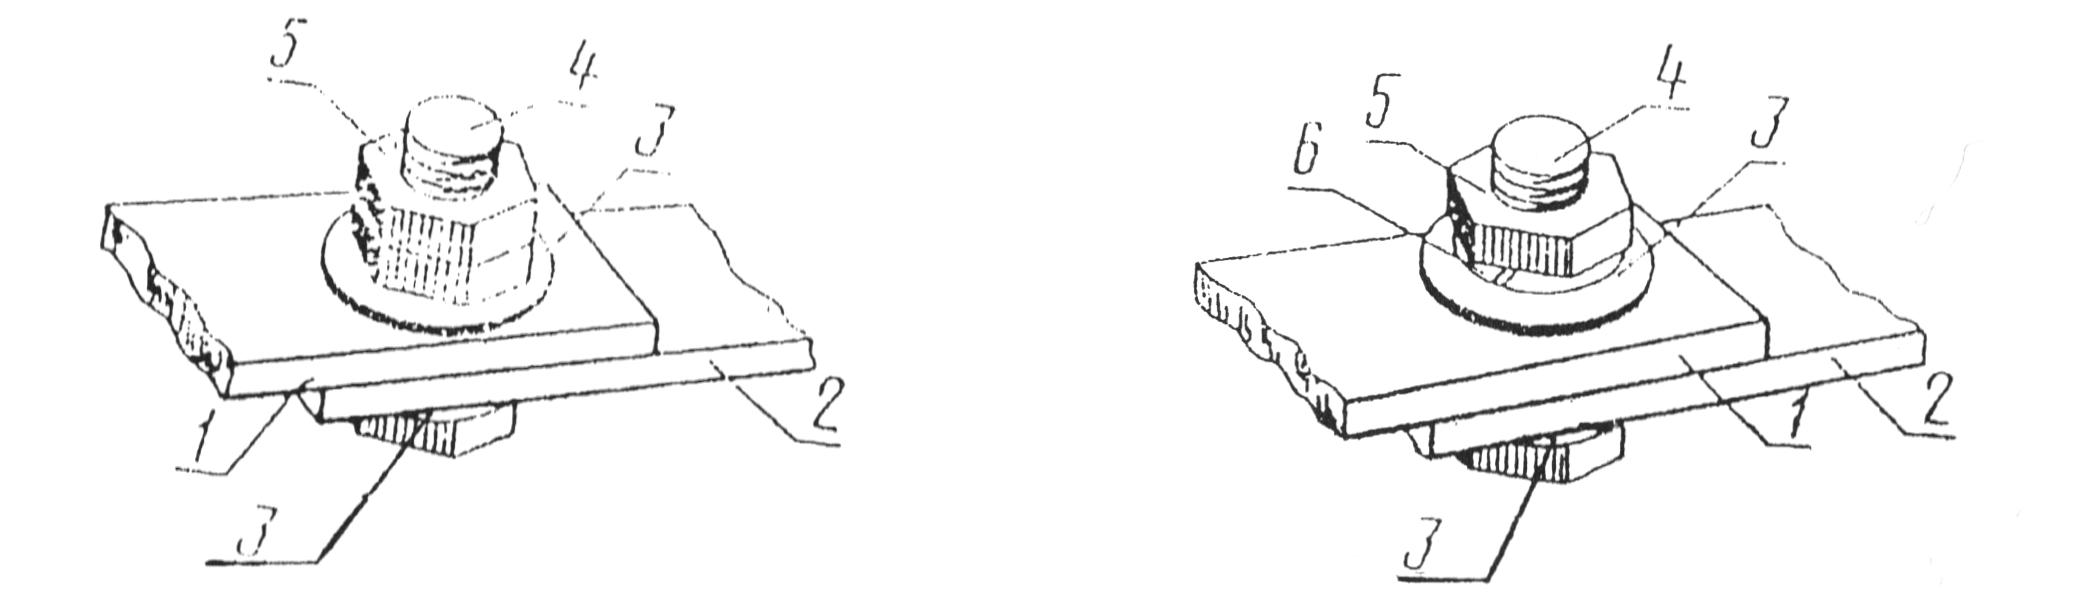 Разборные соединения проводников с плоскими контактными поверхностями со средствами стабилизации - с контргайкой (слева) и с пружинной шайбой (справа)